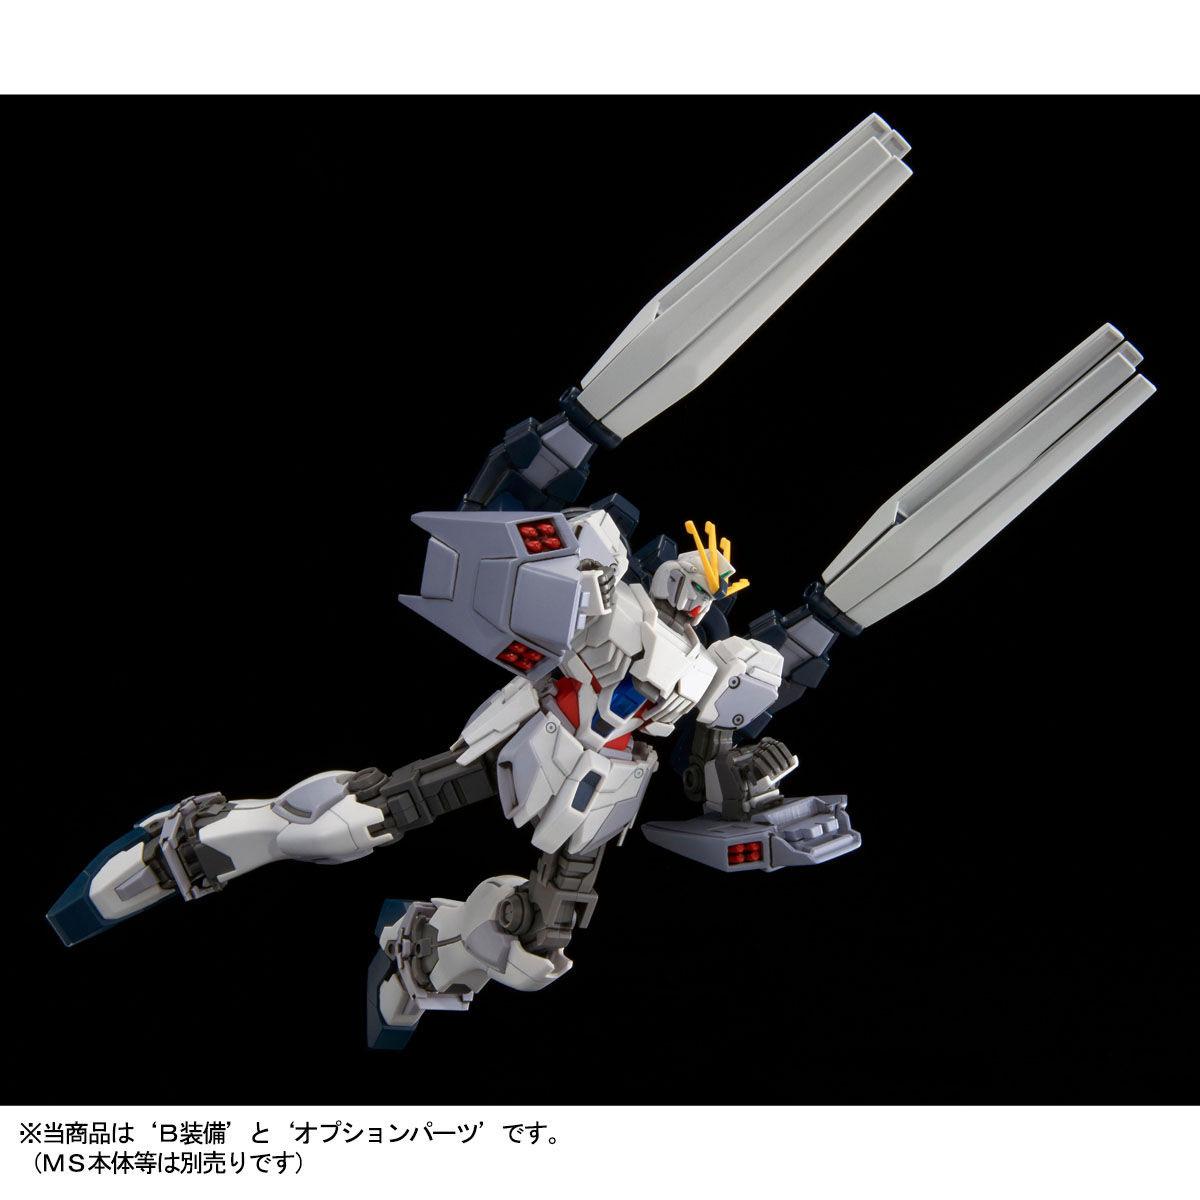 HG 1/144『ナラティブガンダム用 B装備拡張セット』ガンダムNT プラモデル-004